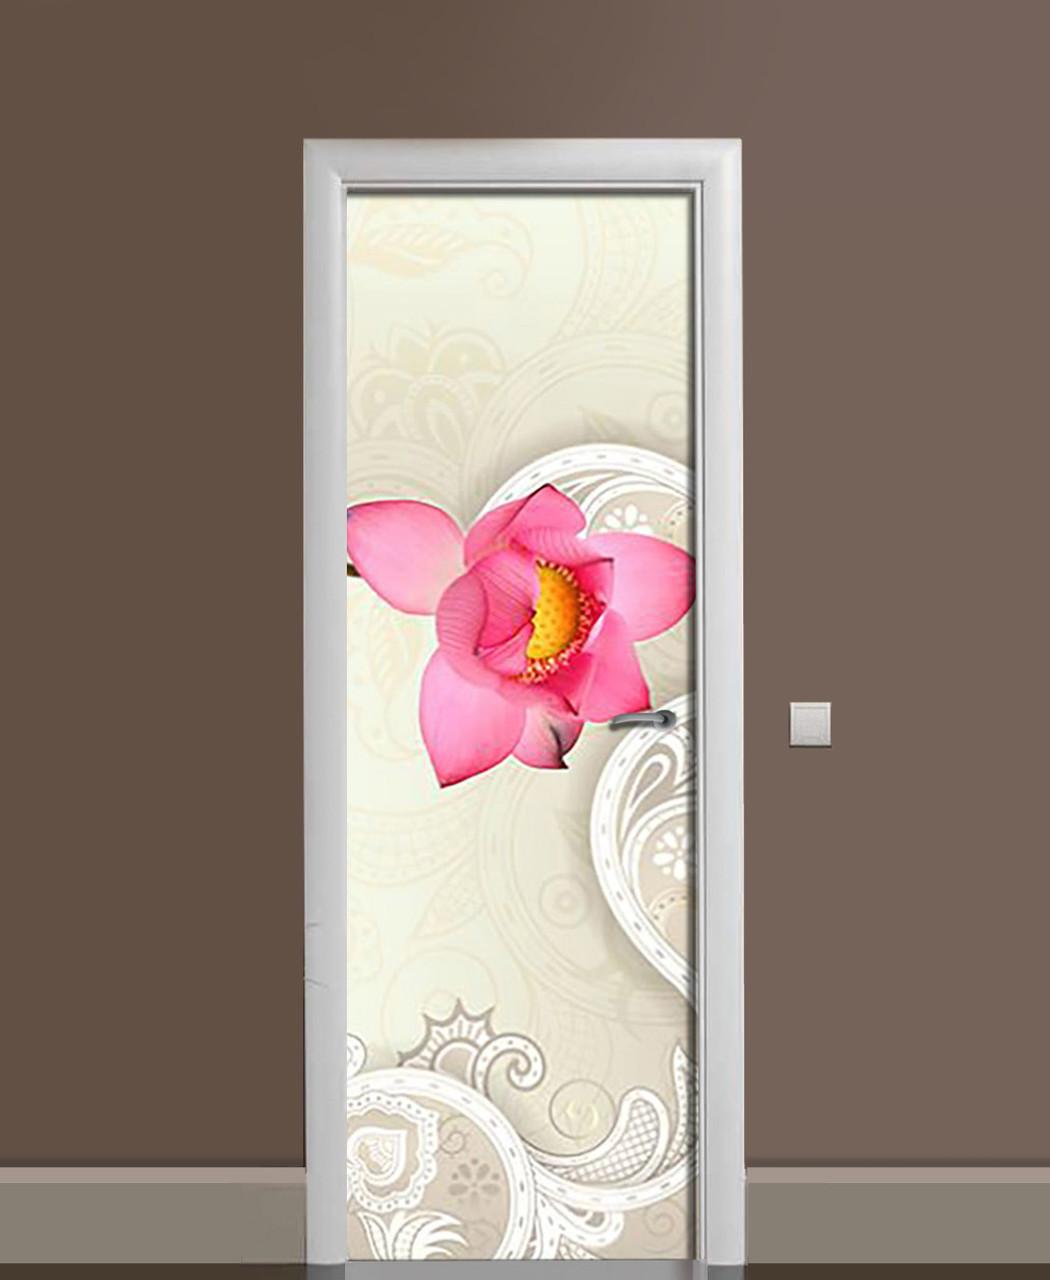 Вінілова наклейка на двері Лотос Орнамент ПВХ плівка з ламінуванням 65*200см Абстракція Бежевий